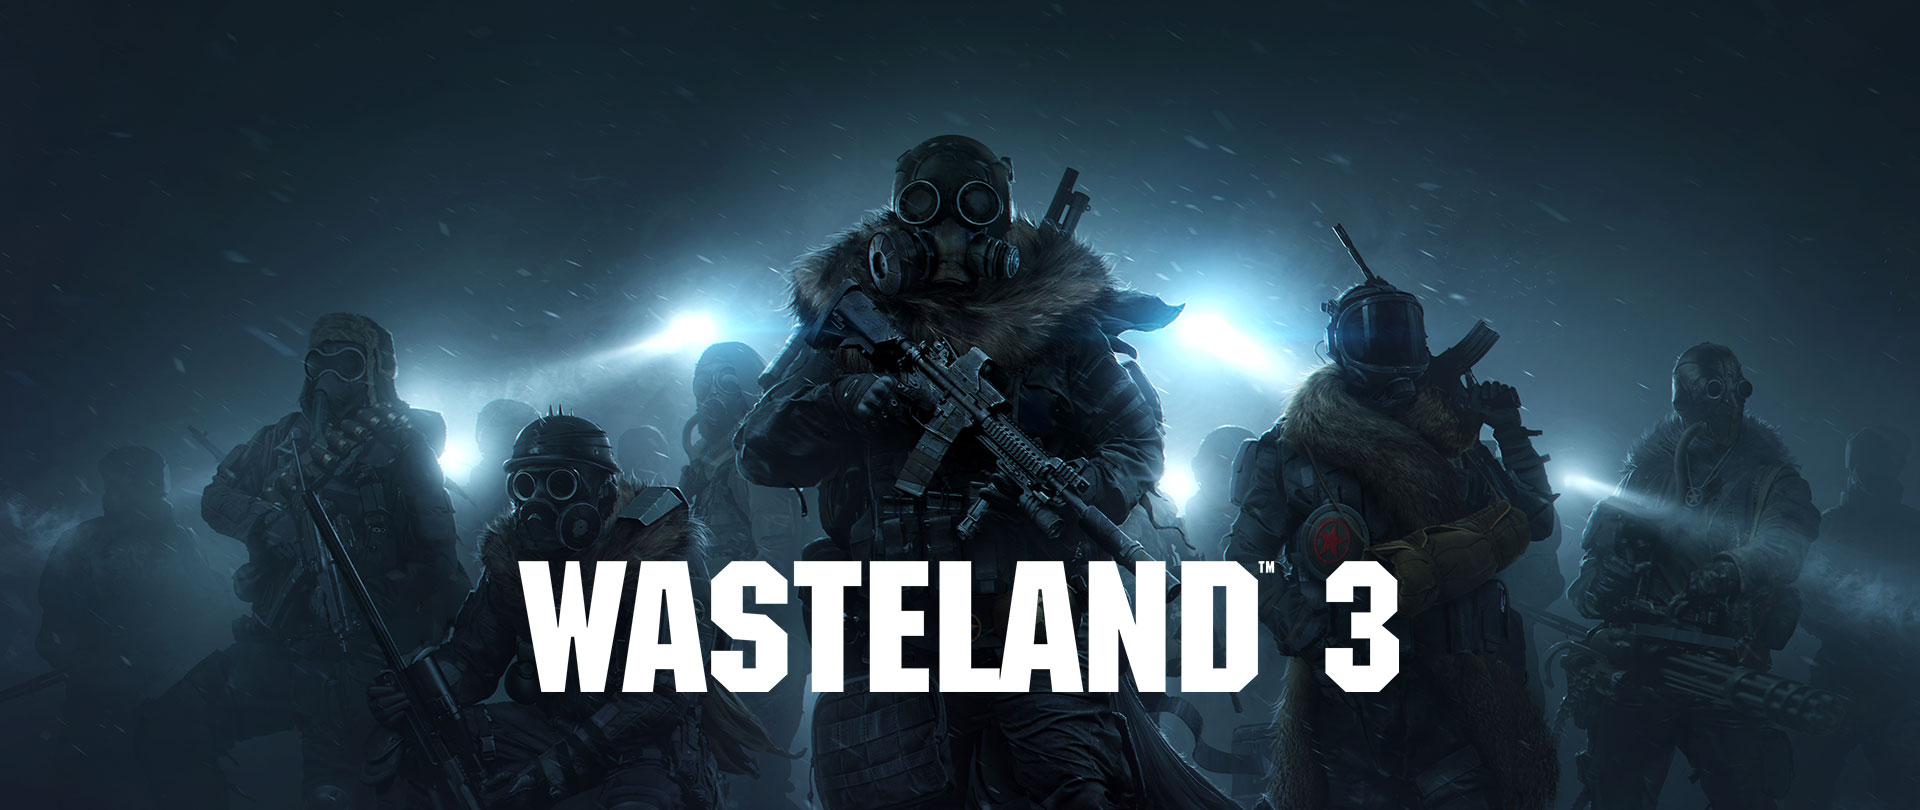 w3 featured Lista la lista de juegos para el 2020